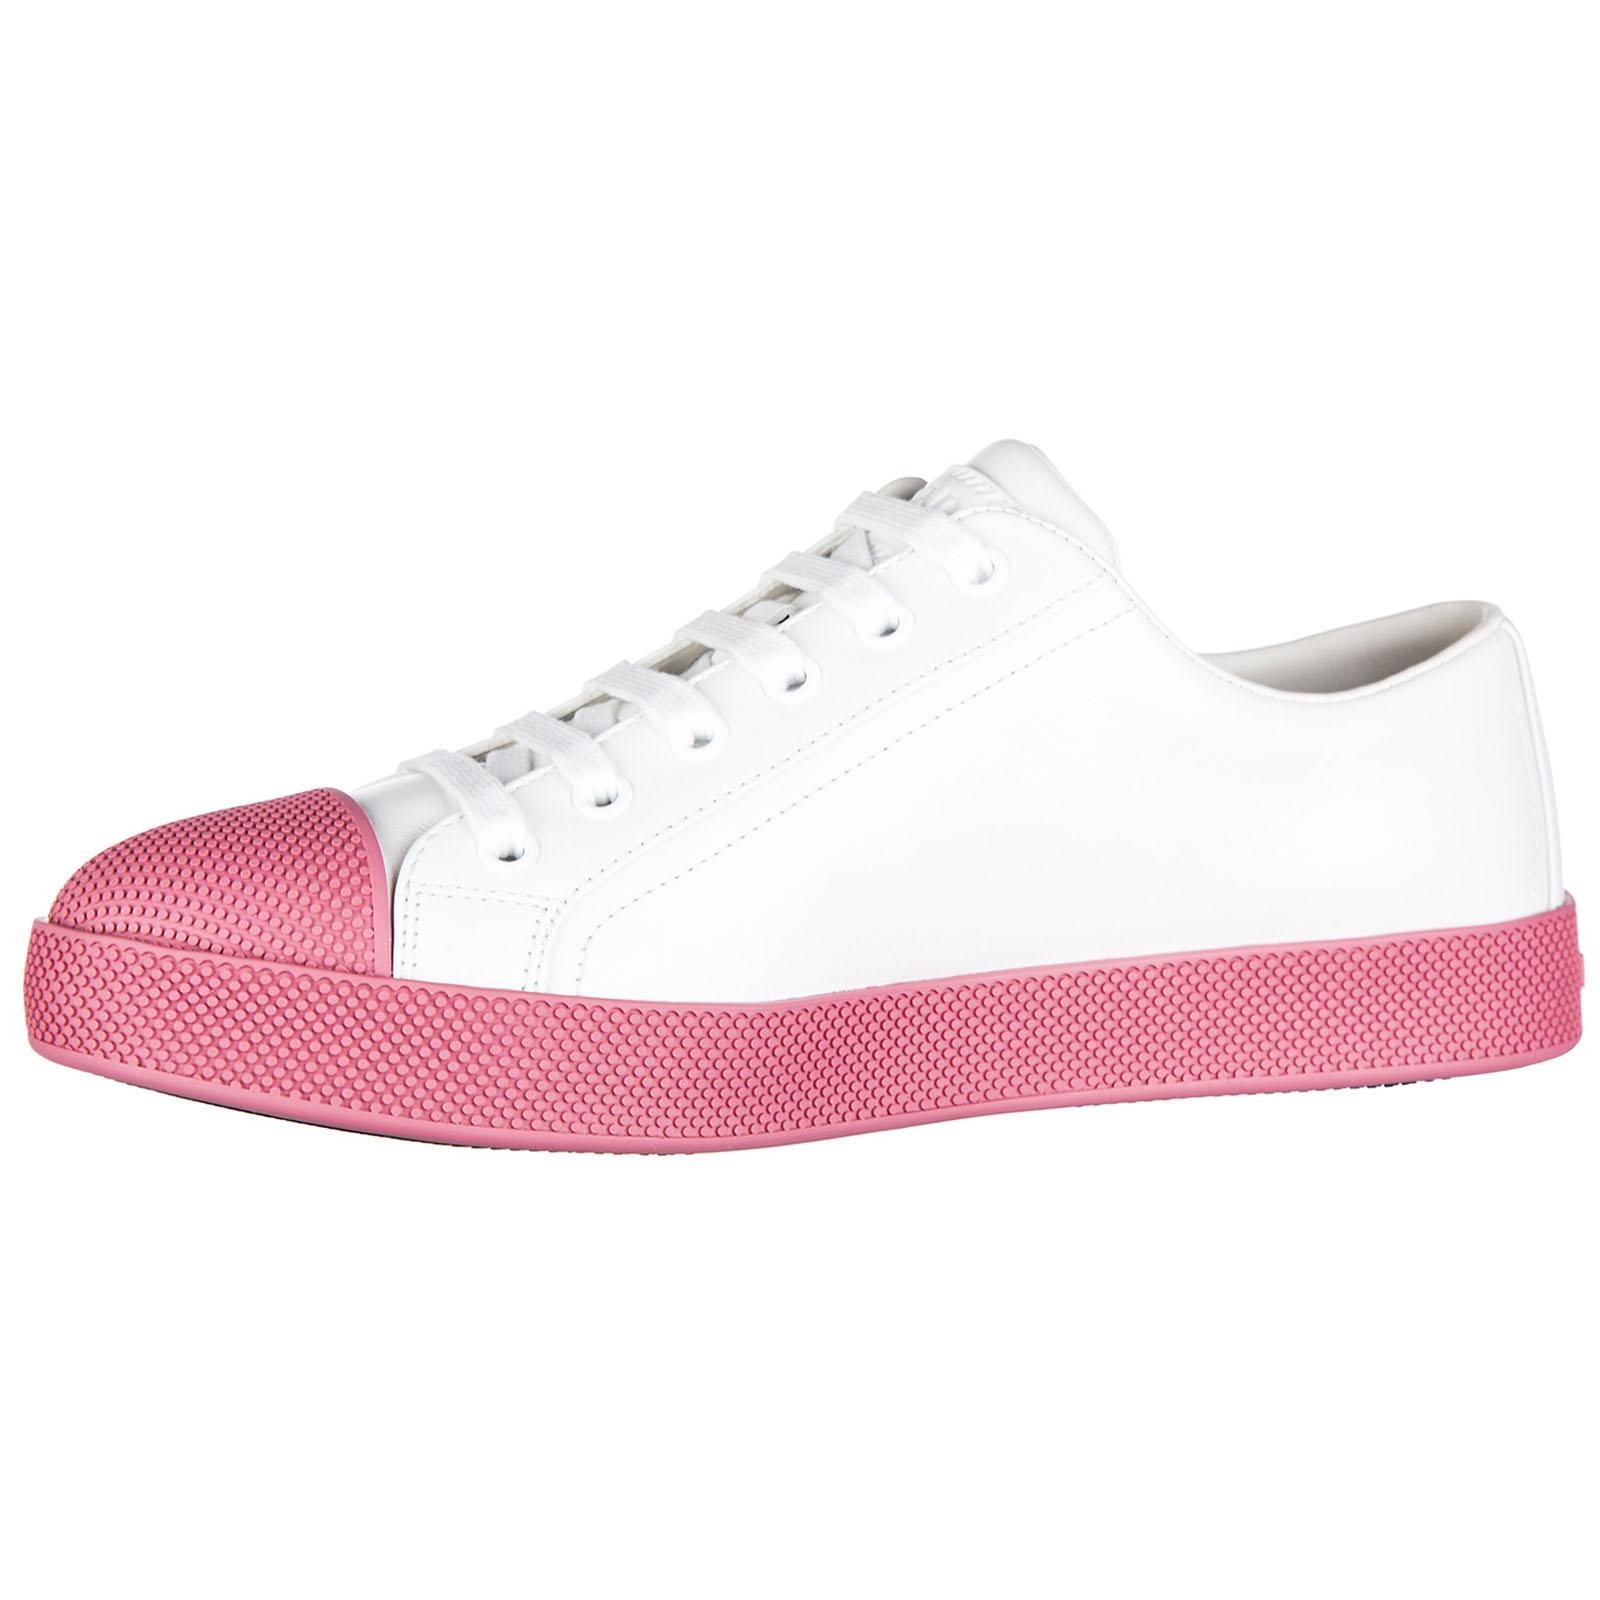 Zapatos zapatillas de deporte mujer en piel